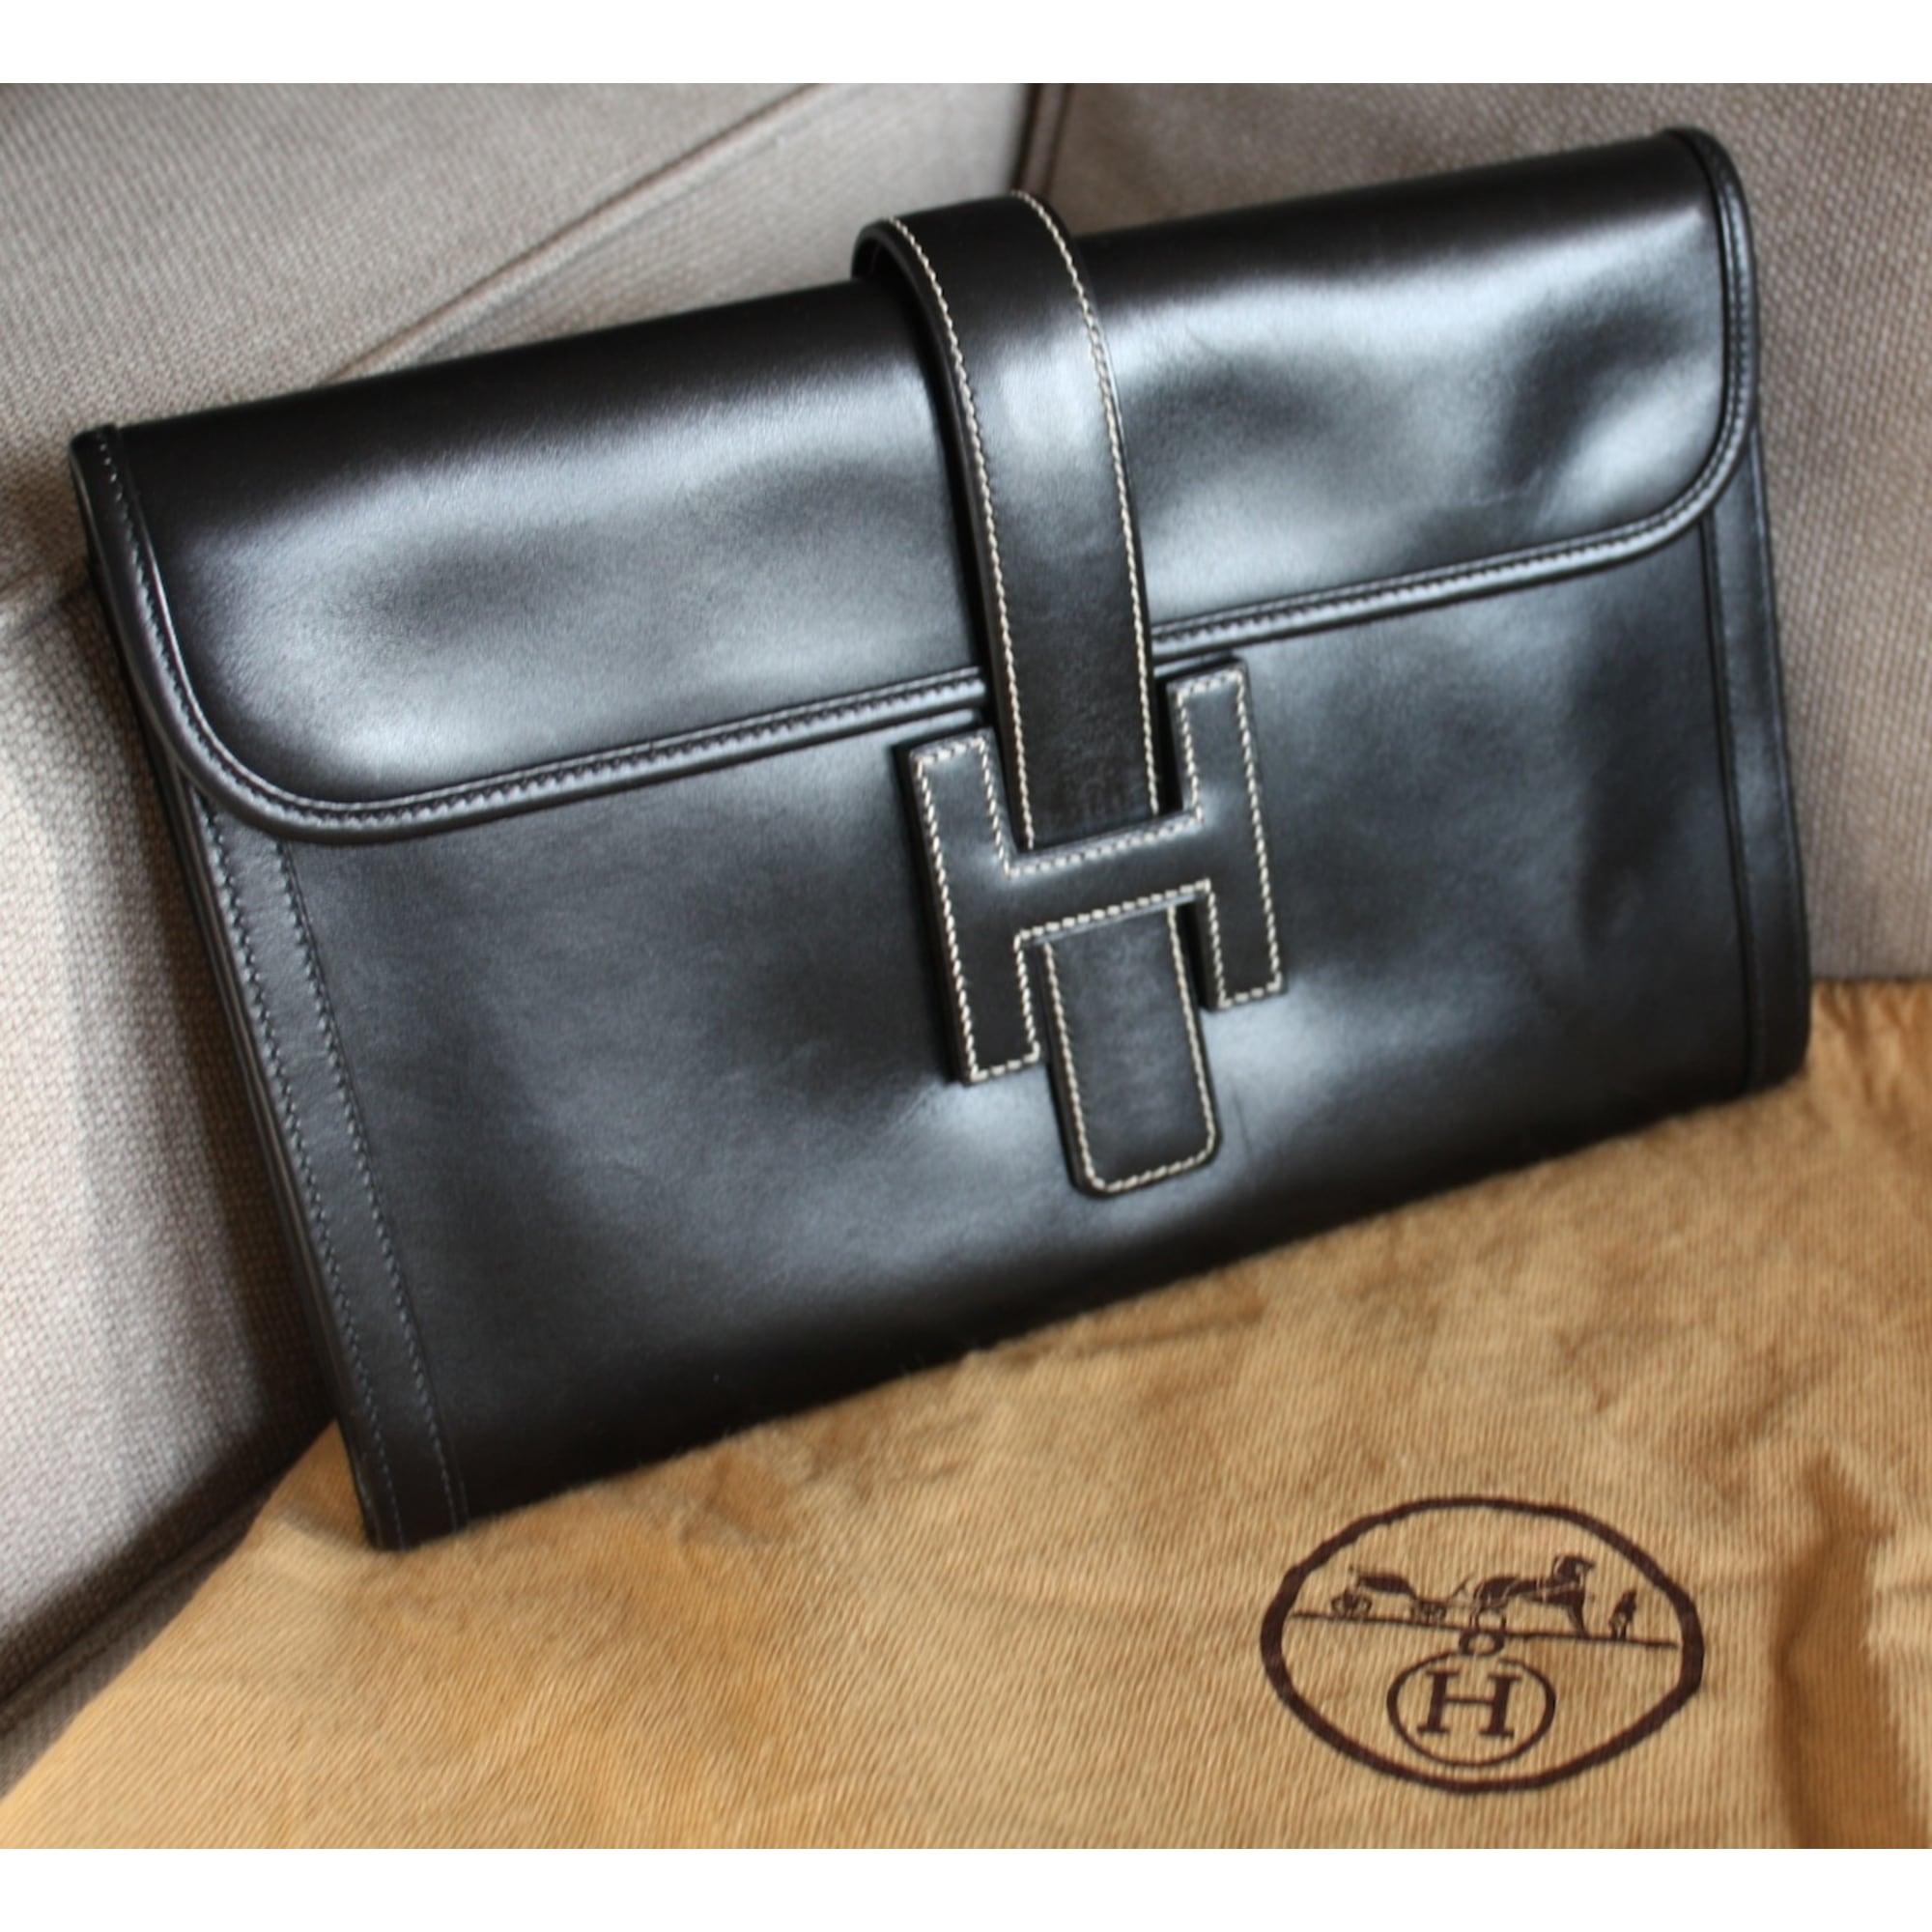 sac à main en cuir hermÈs noir vendu par h addict62563 - 1032373